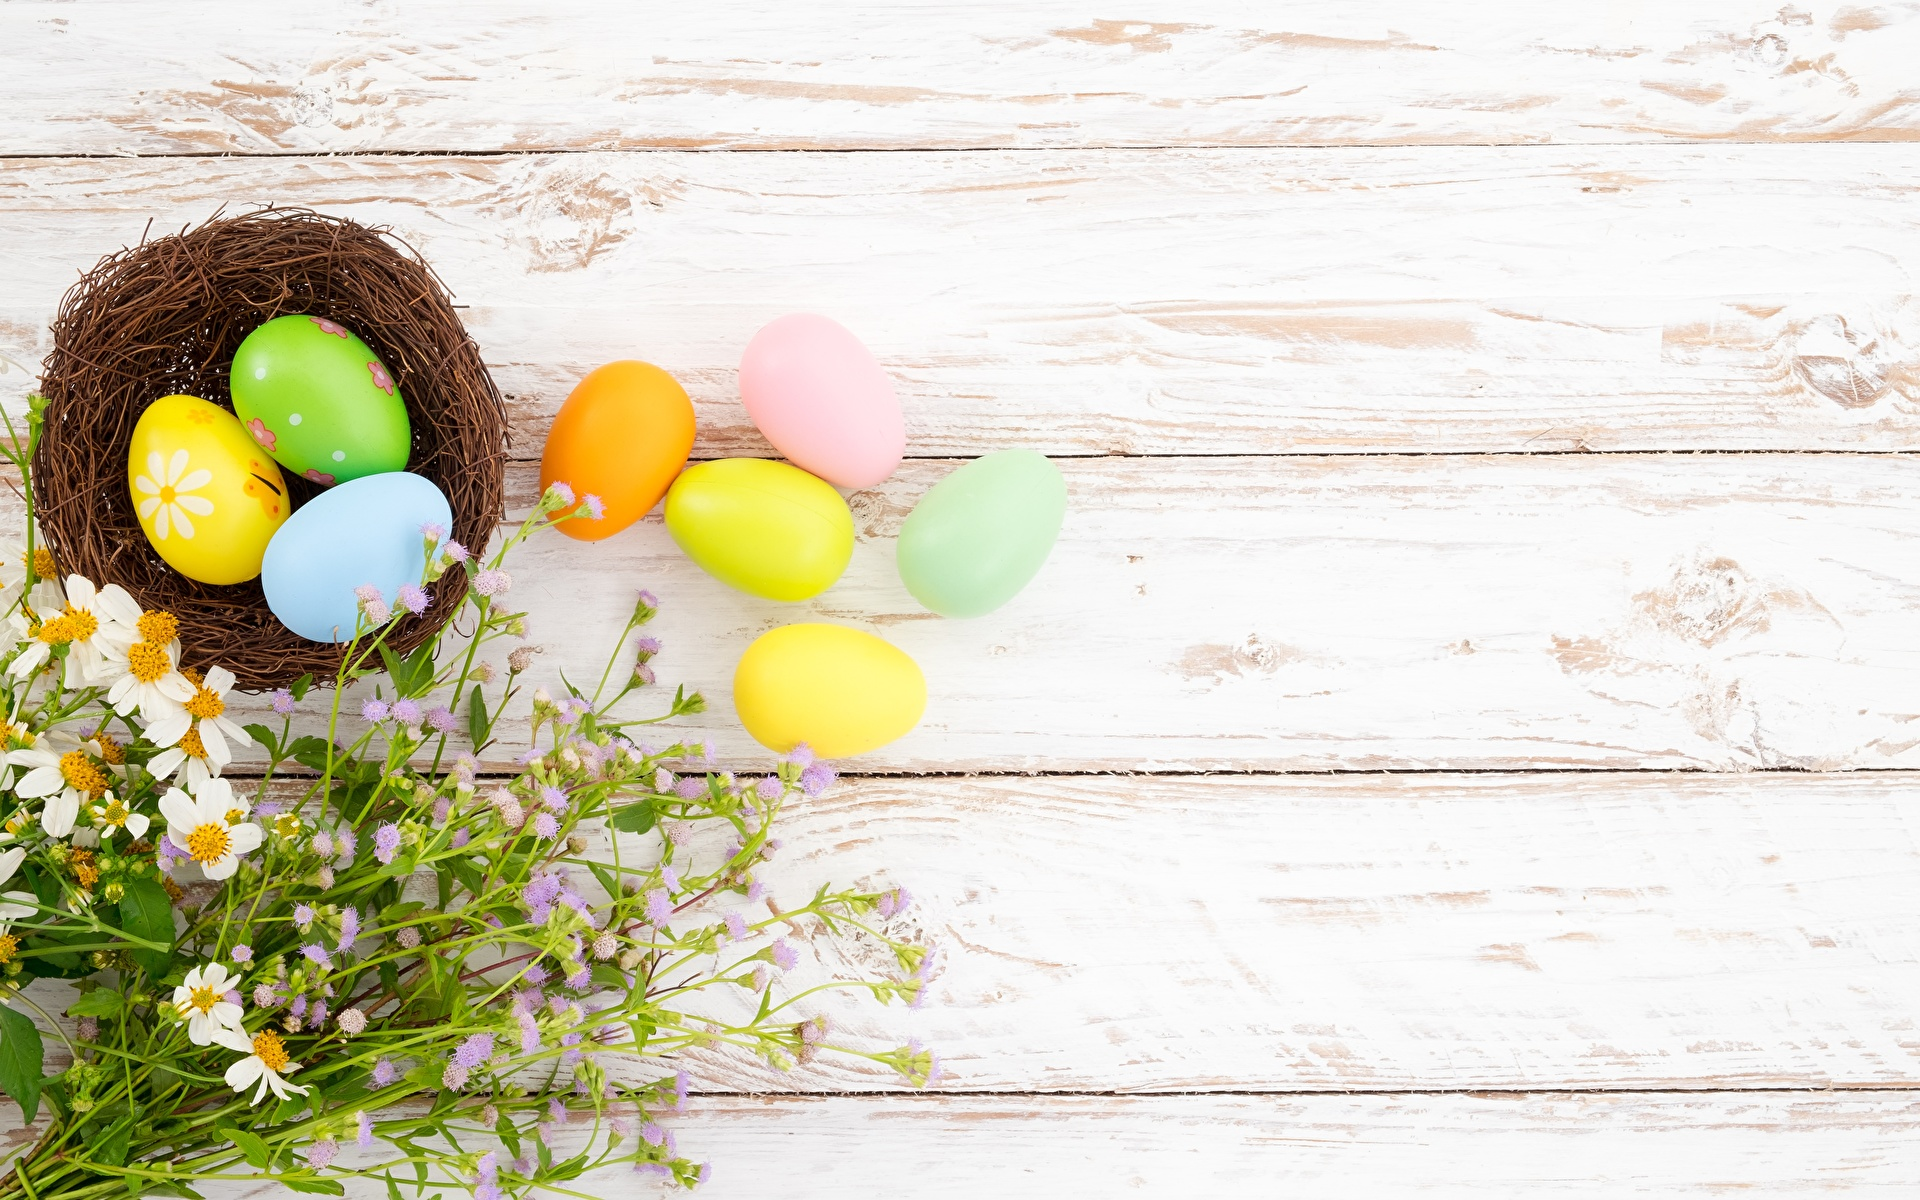 Картинки Пасха яйцо гнезда Шаблон поздравительной открытки Доски 1920x1200 яиц Яйца яйцами Гнездо гнезде